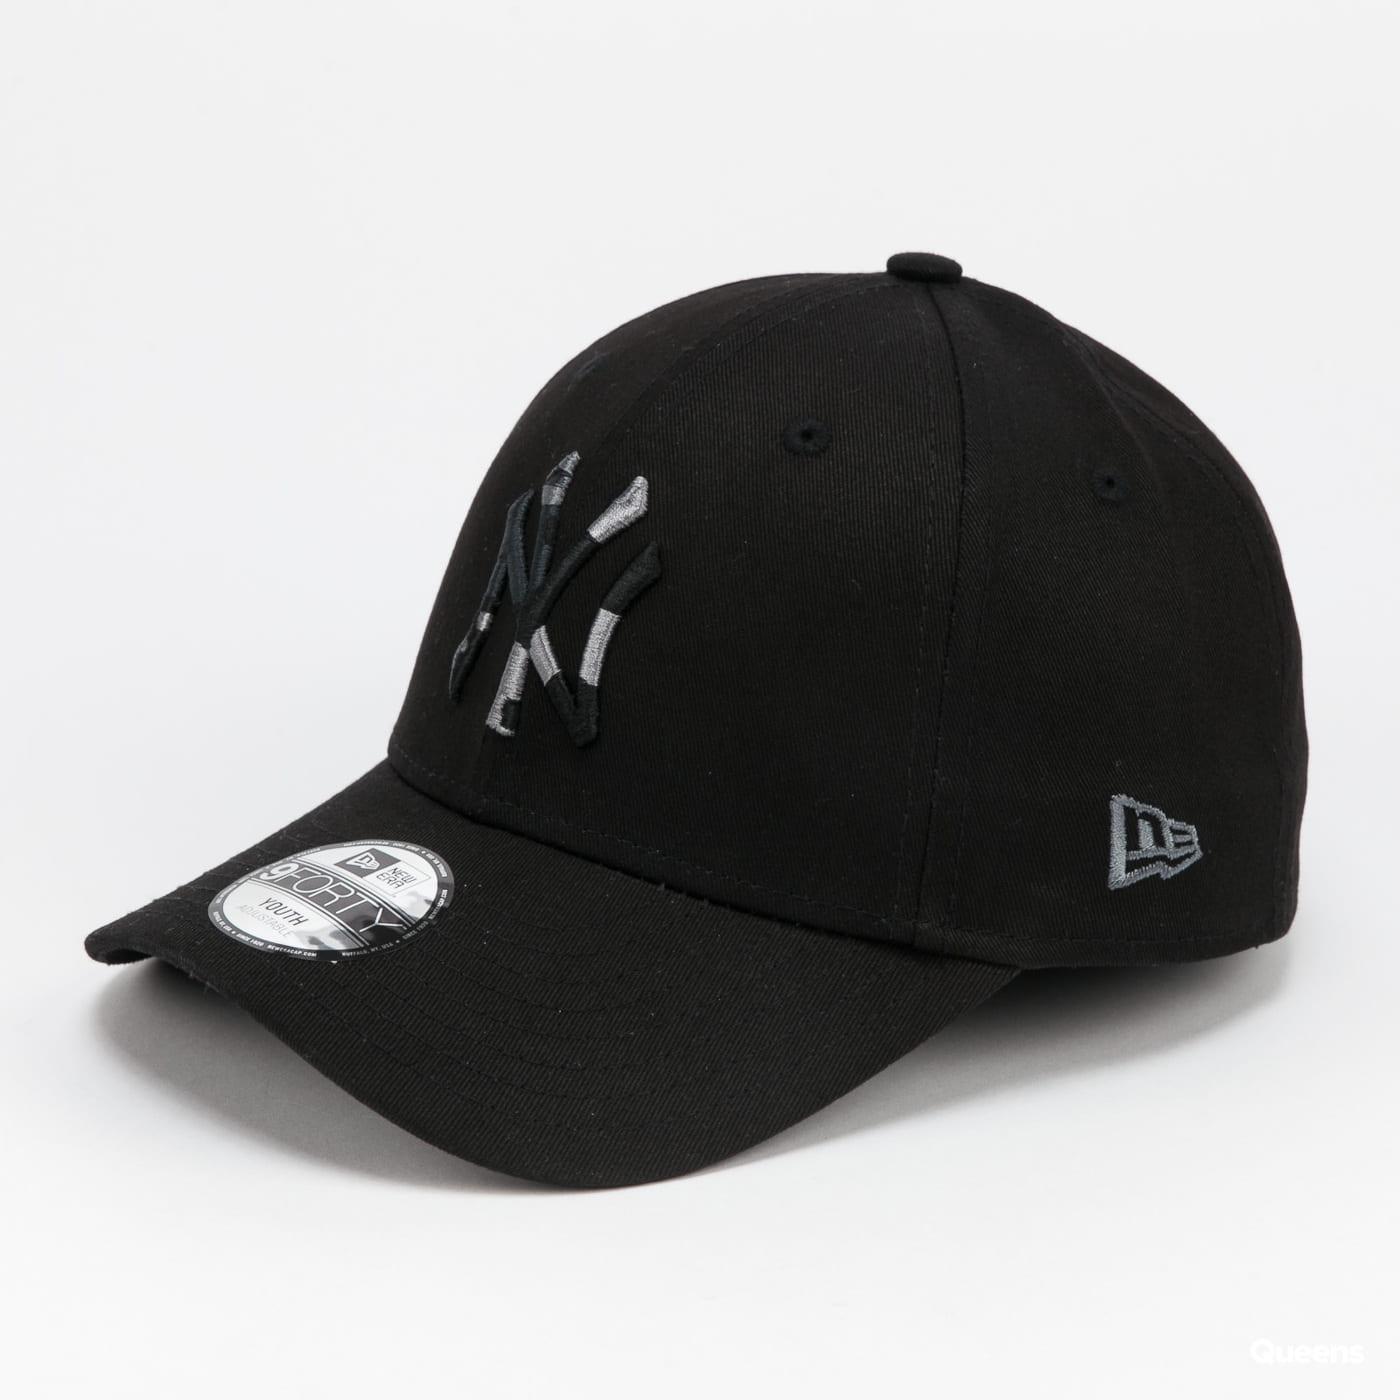 New Era 940K MLB Camo Infill NY black / camo gray